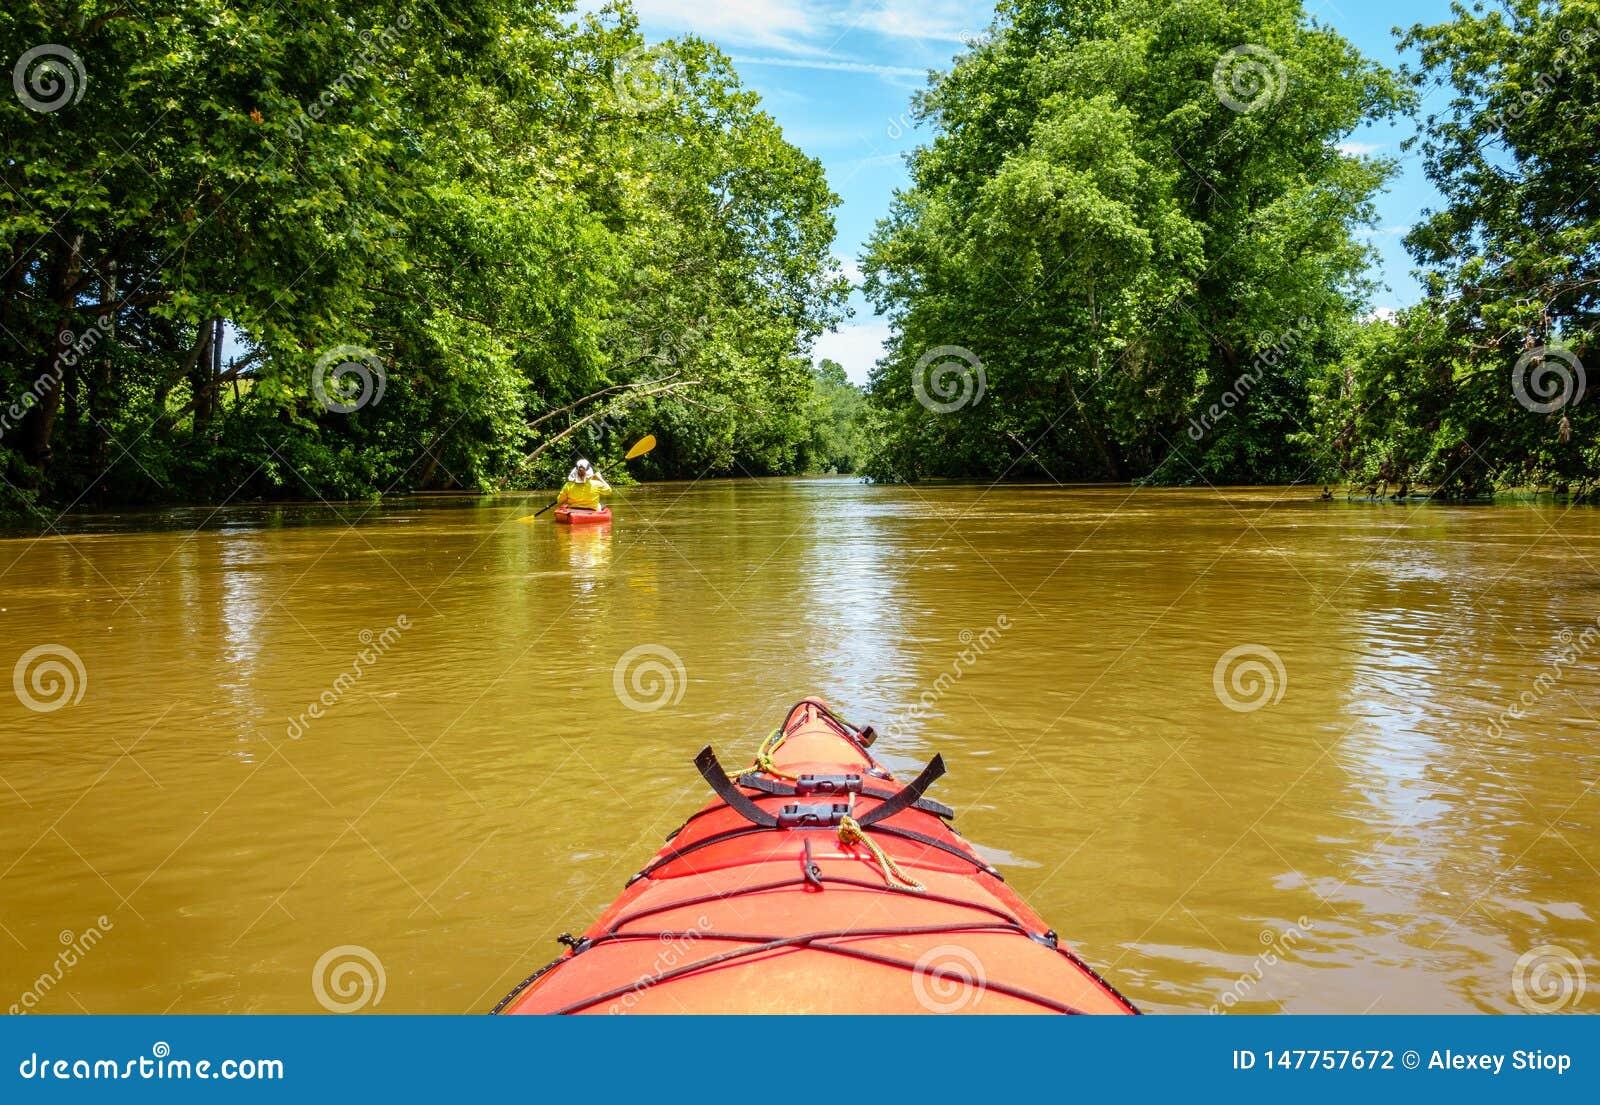 Kayaking na zatoczce w Środkowym Kentucky